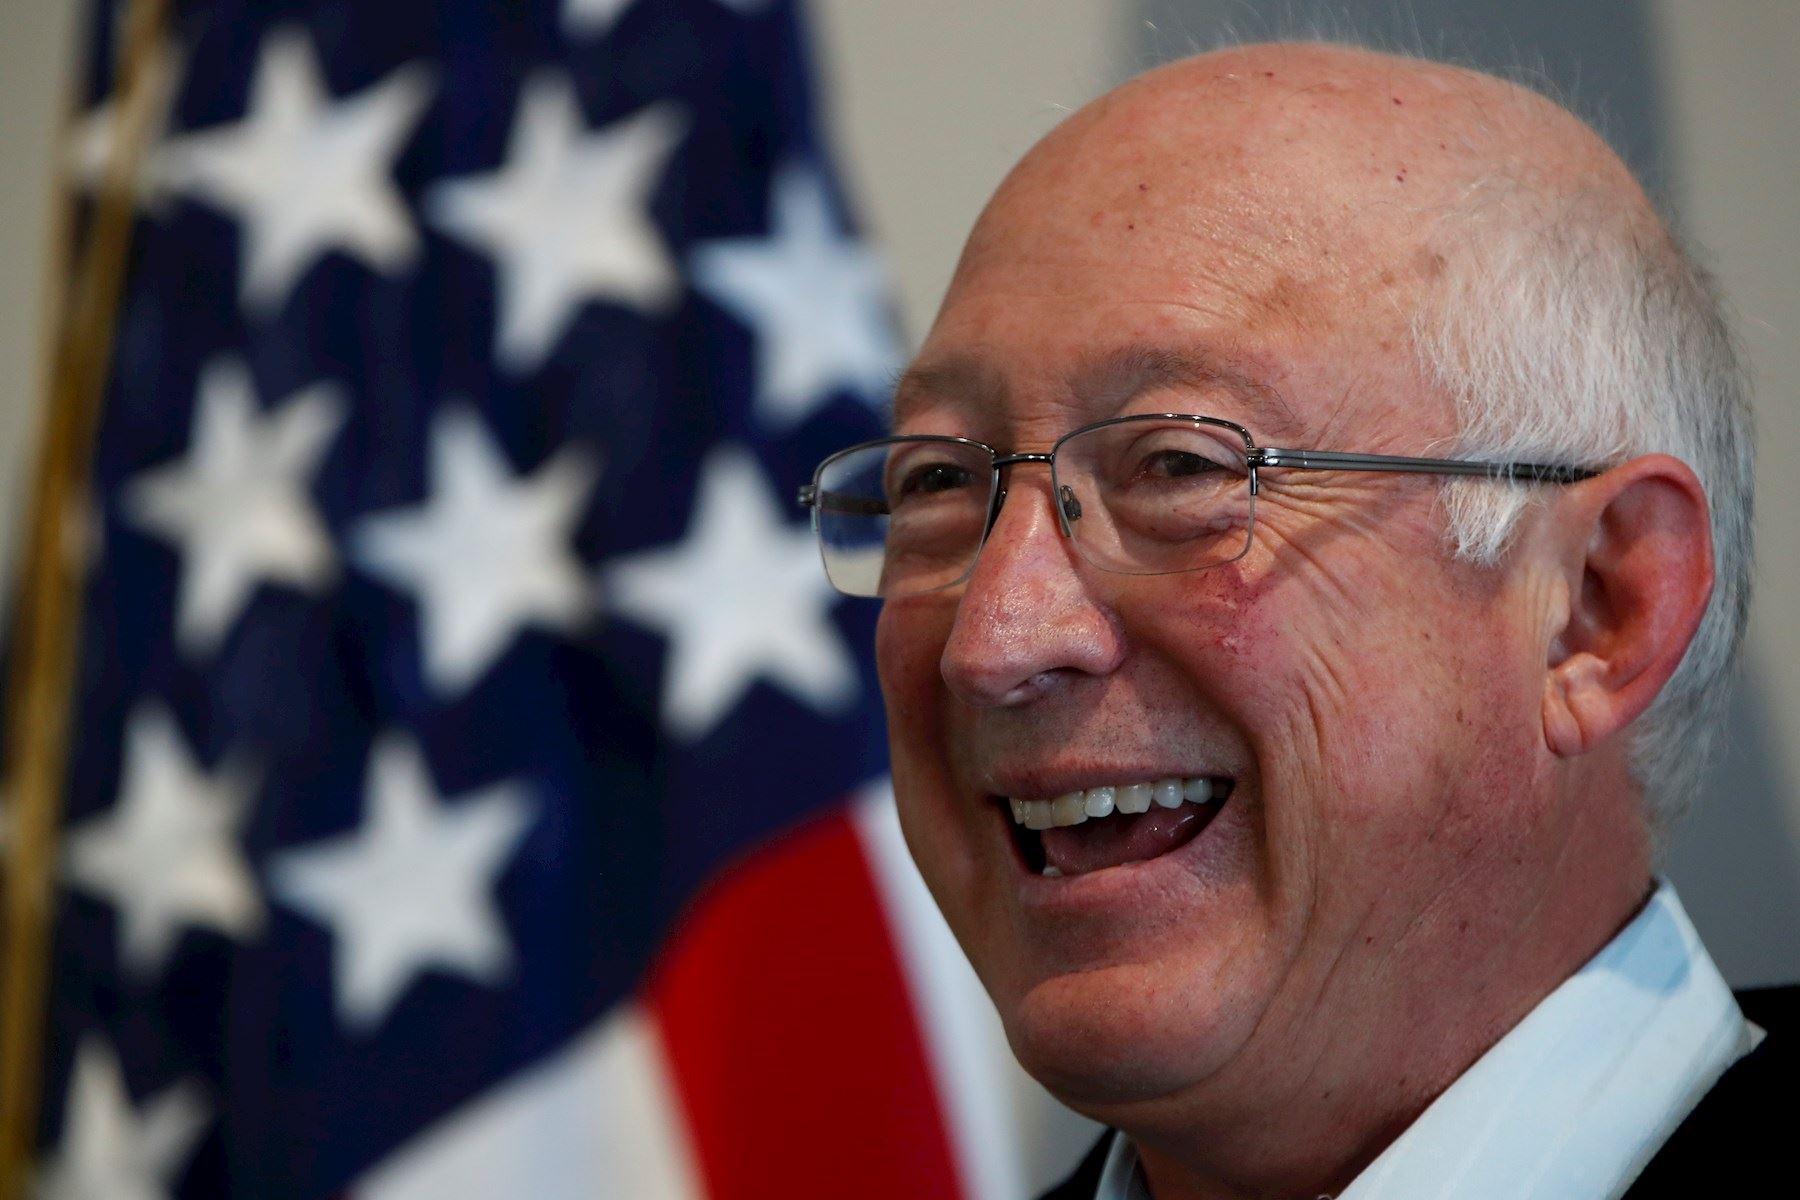 Embajador de EE. UU. Buscará solución a crisis migratoria